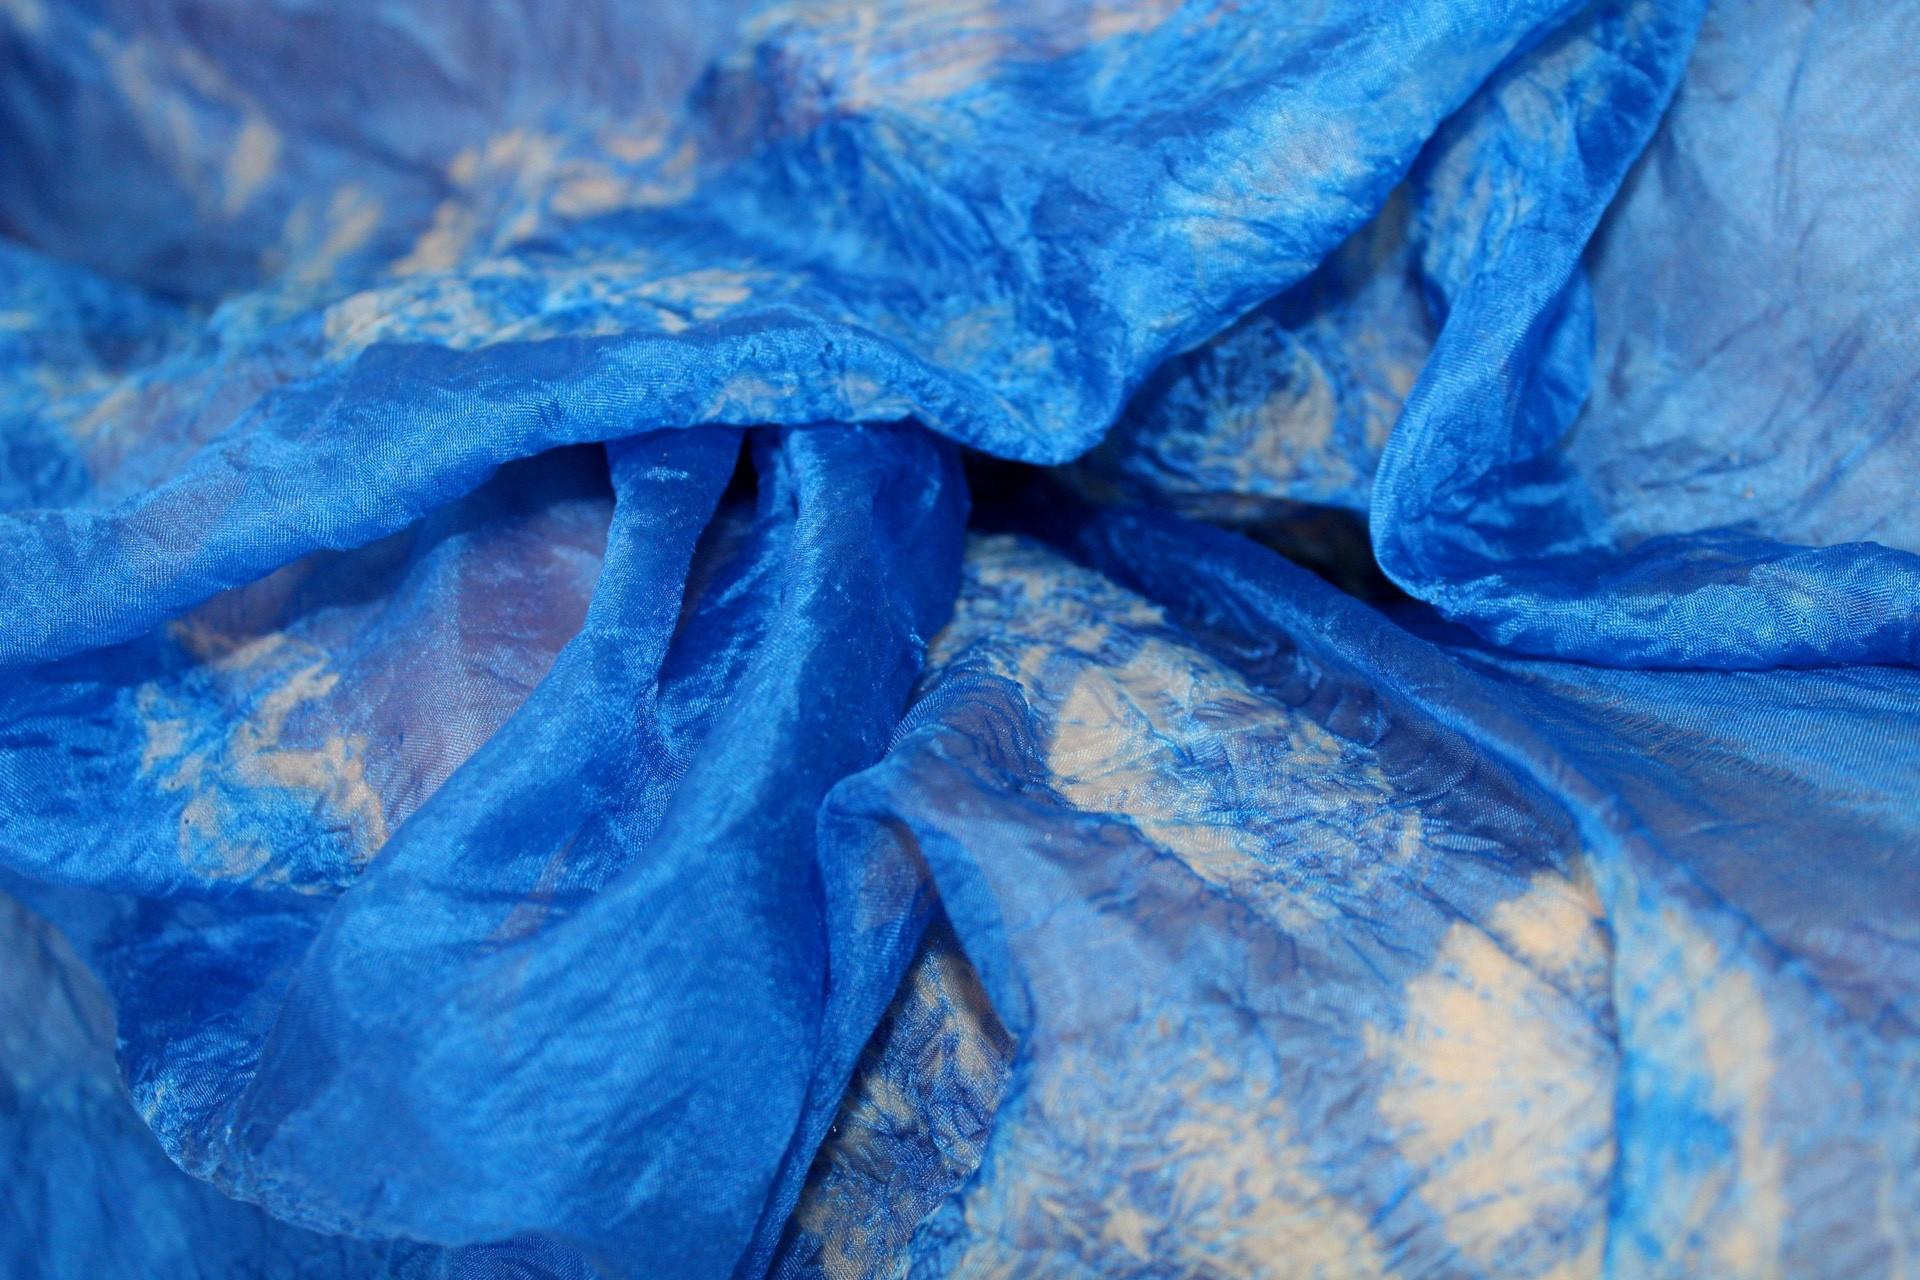 The upper body is a red bodysuit, the lower body is blue tie-dye trouser.